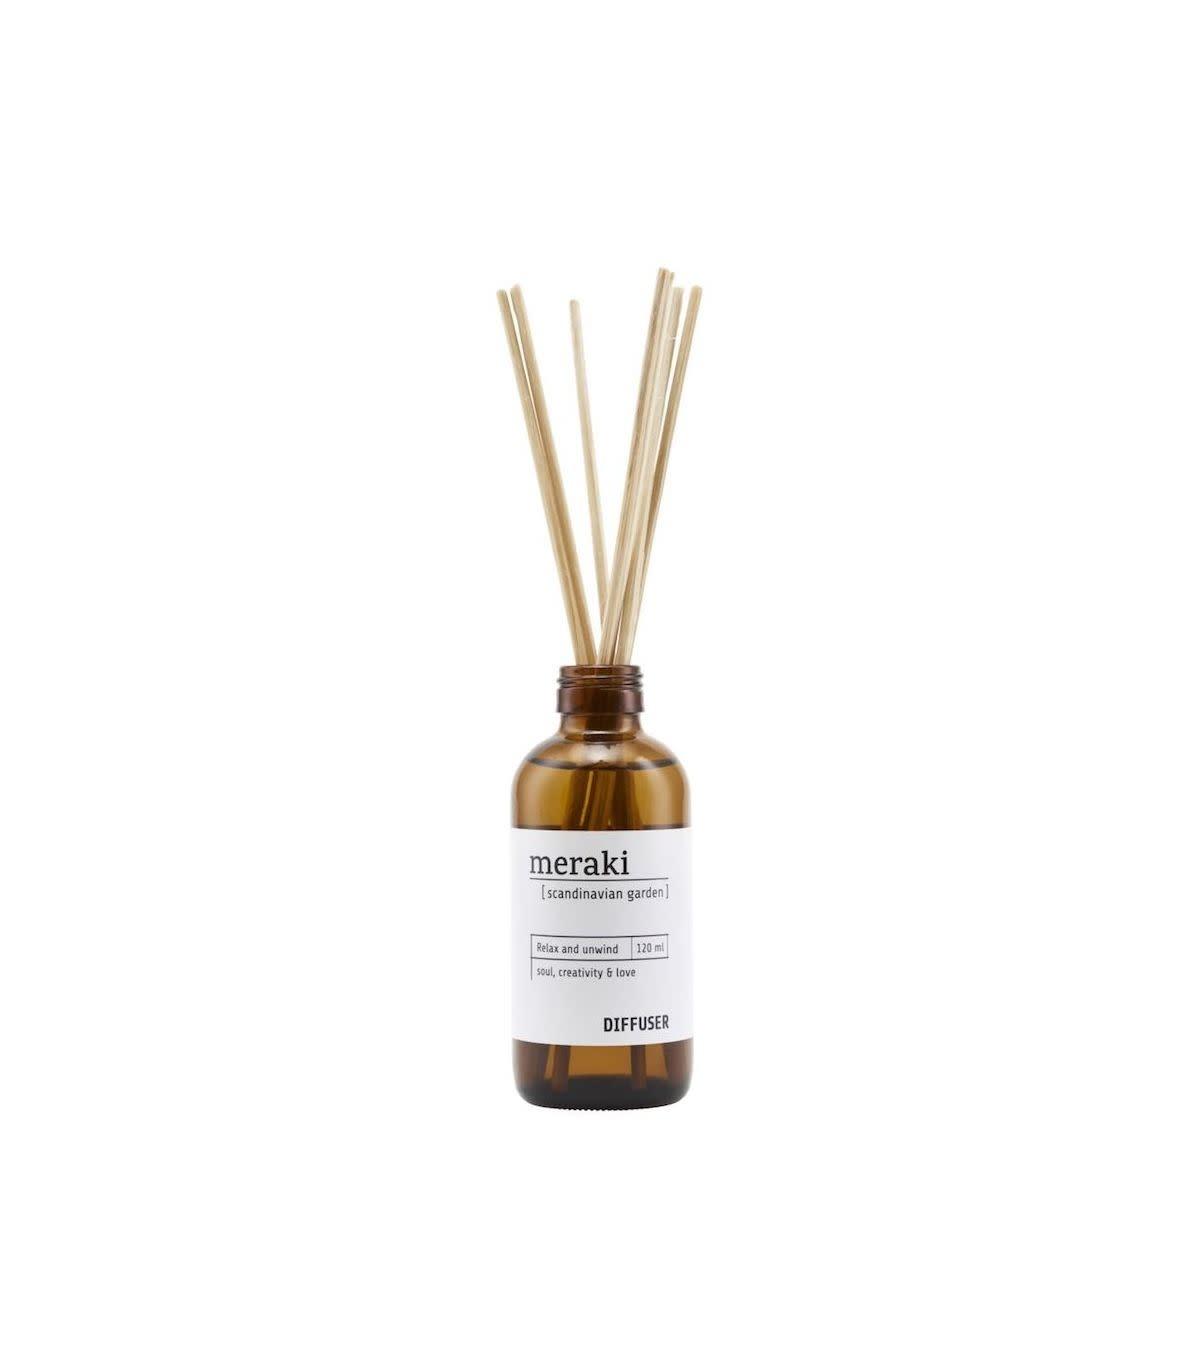 Meraki Meraki diffuser scandinavian garden 7 sticks 120 ml